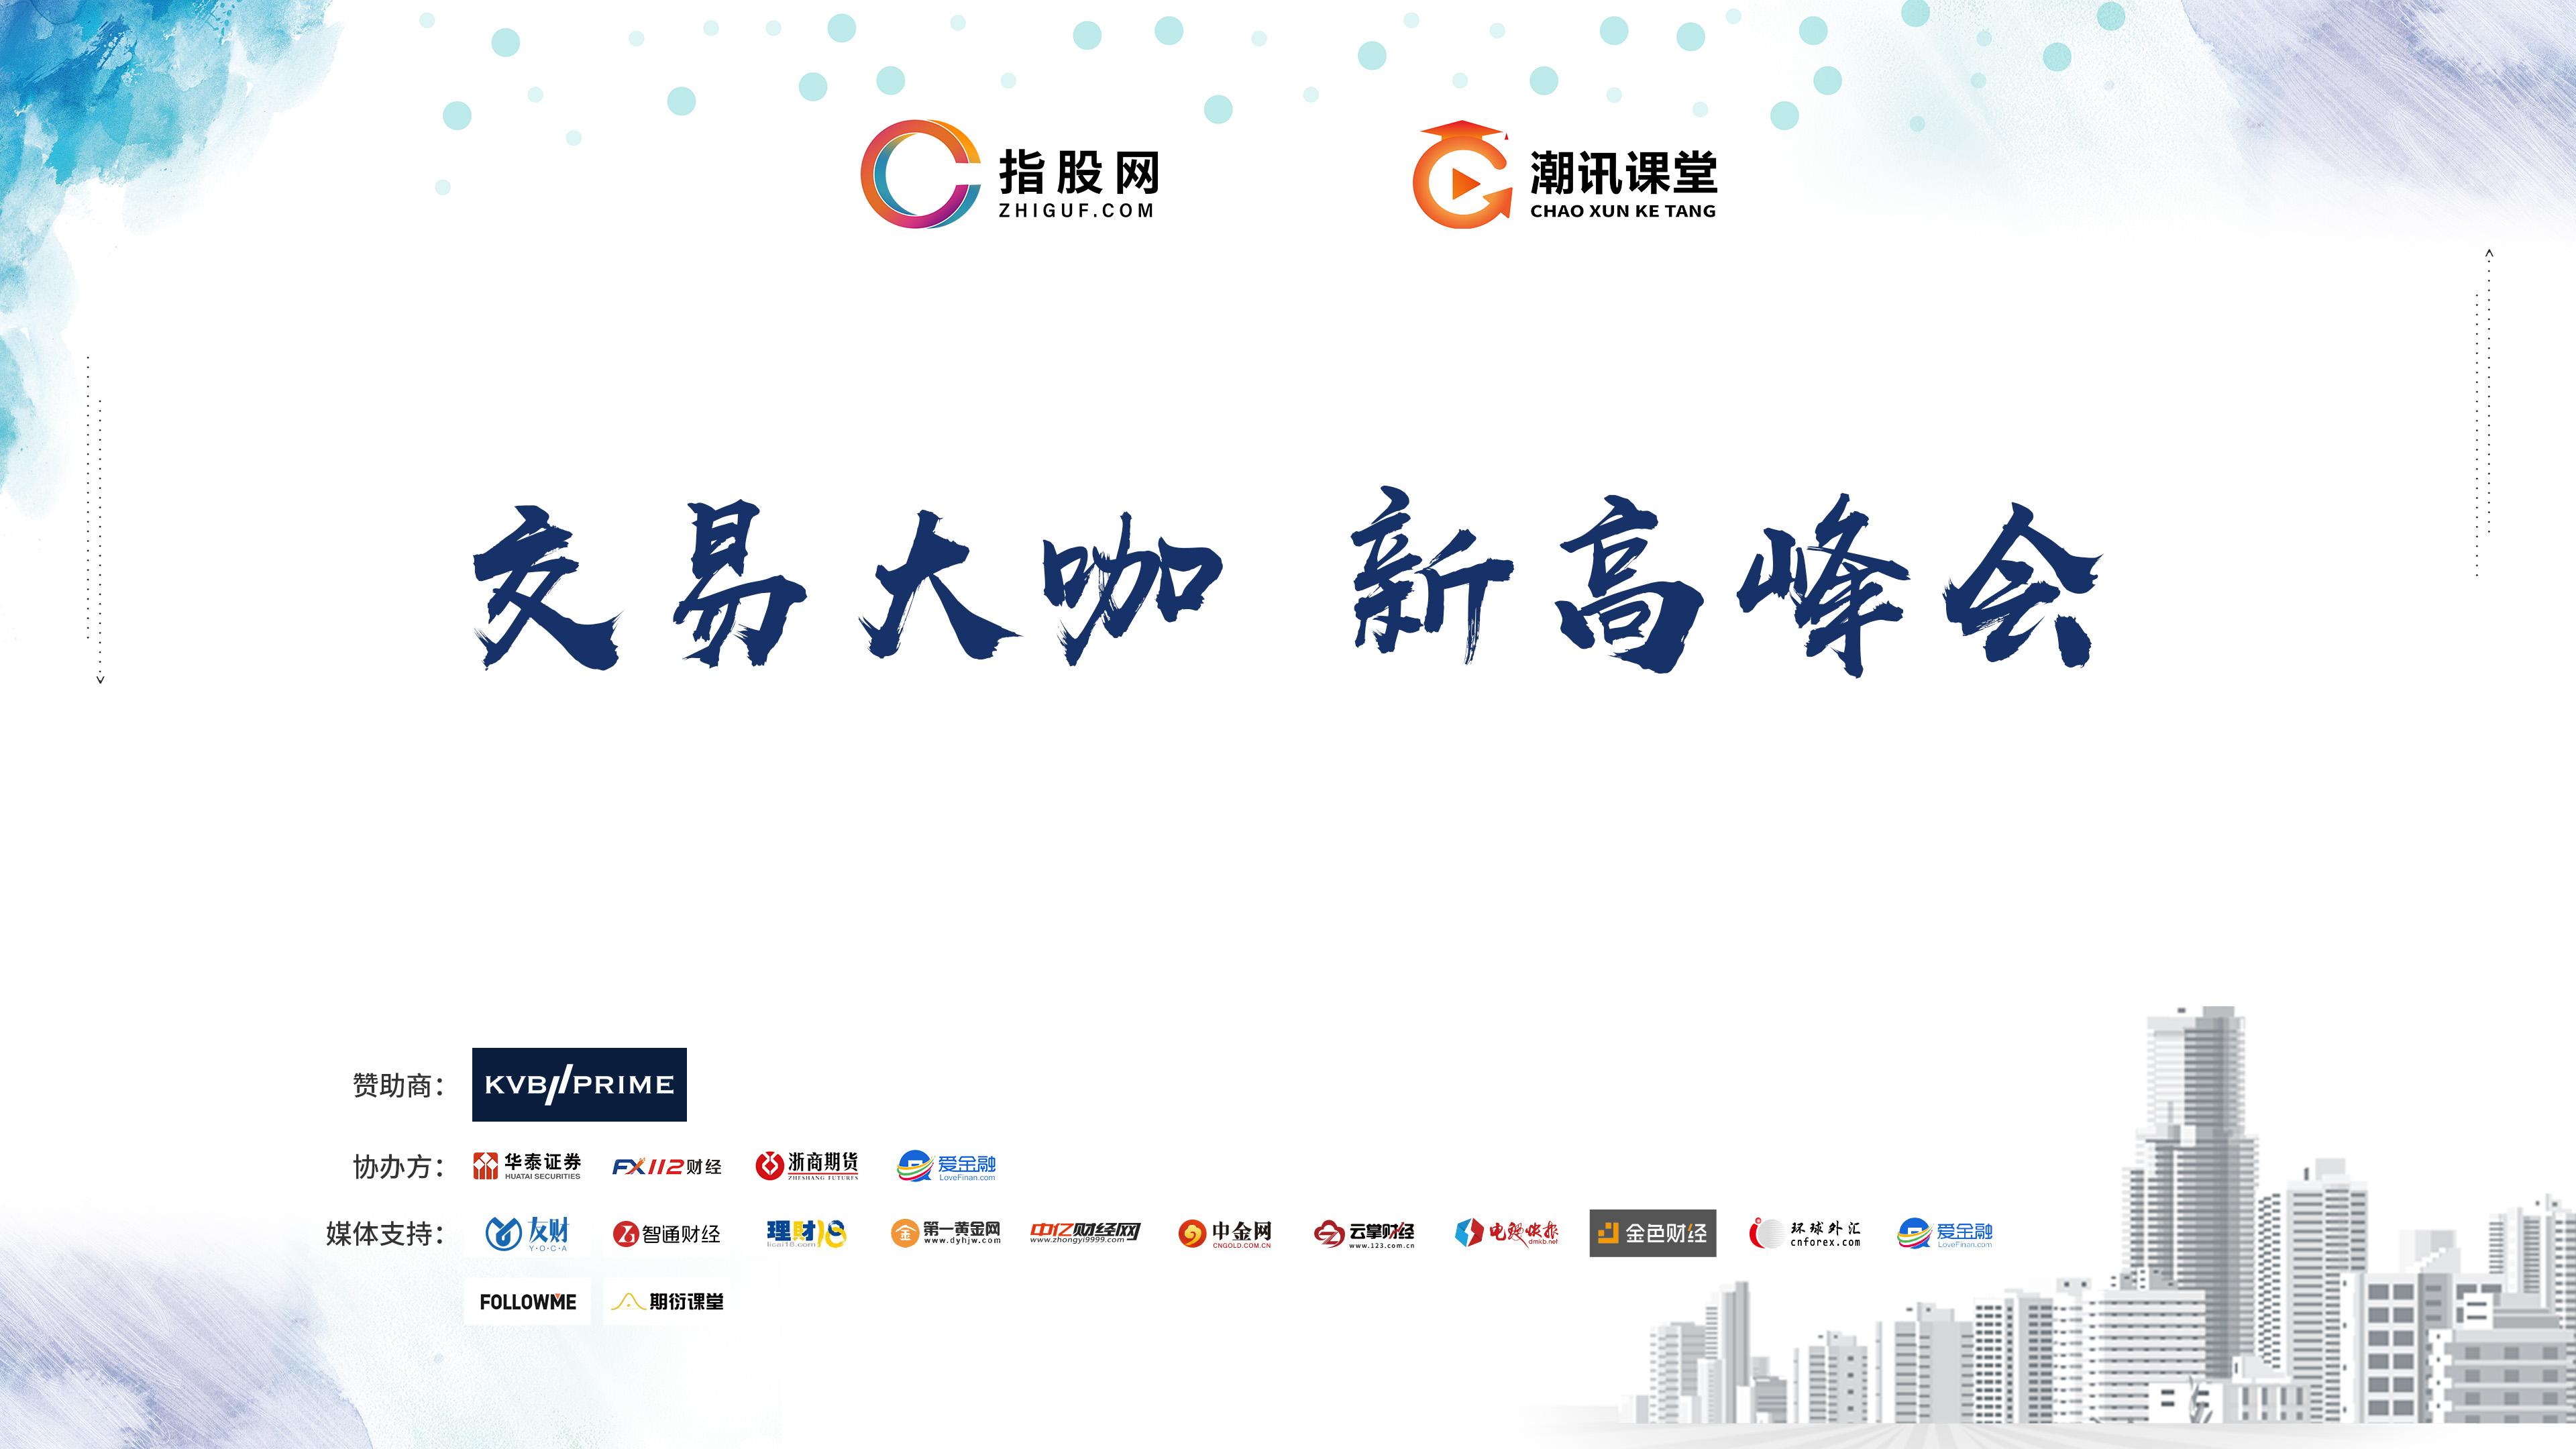 交易大咖说杭州站由KVB PRIME独家赞助,取得圆满成功